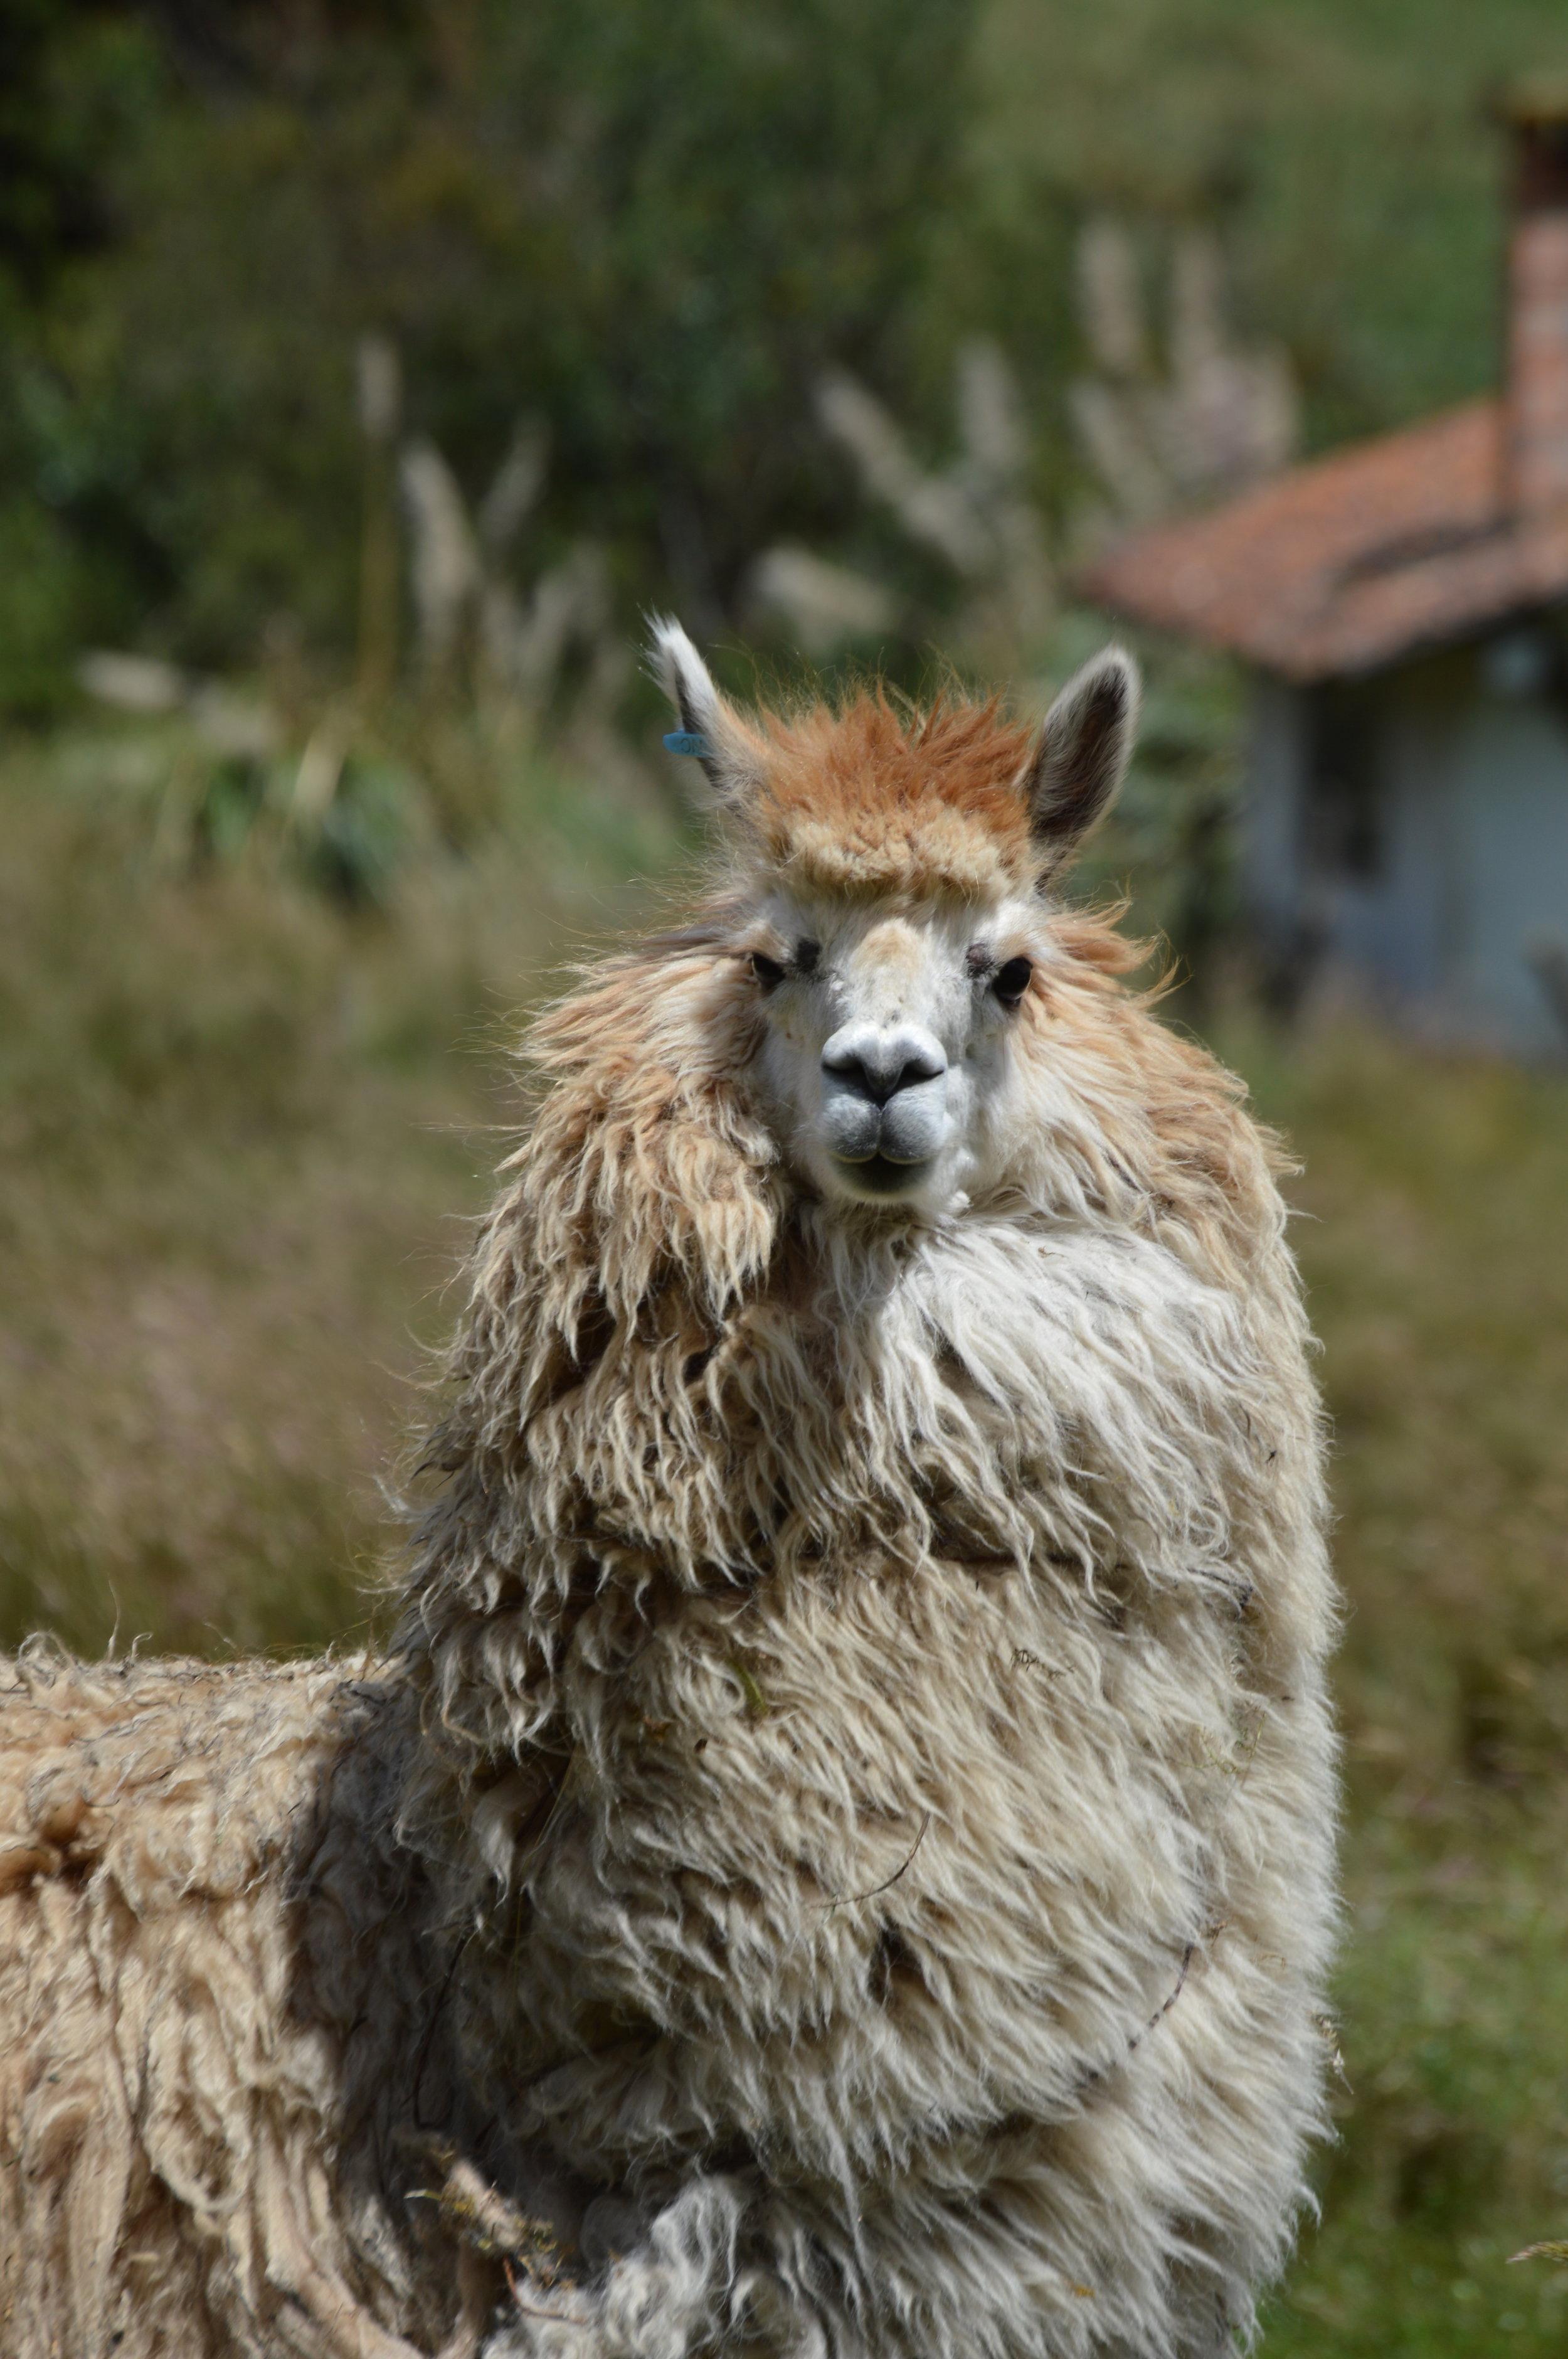 The fluffiest llama!